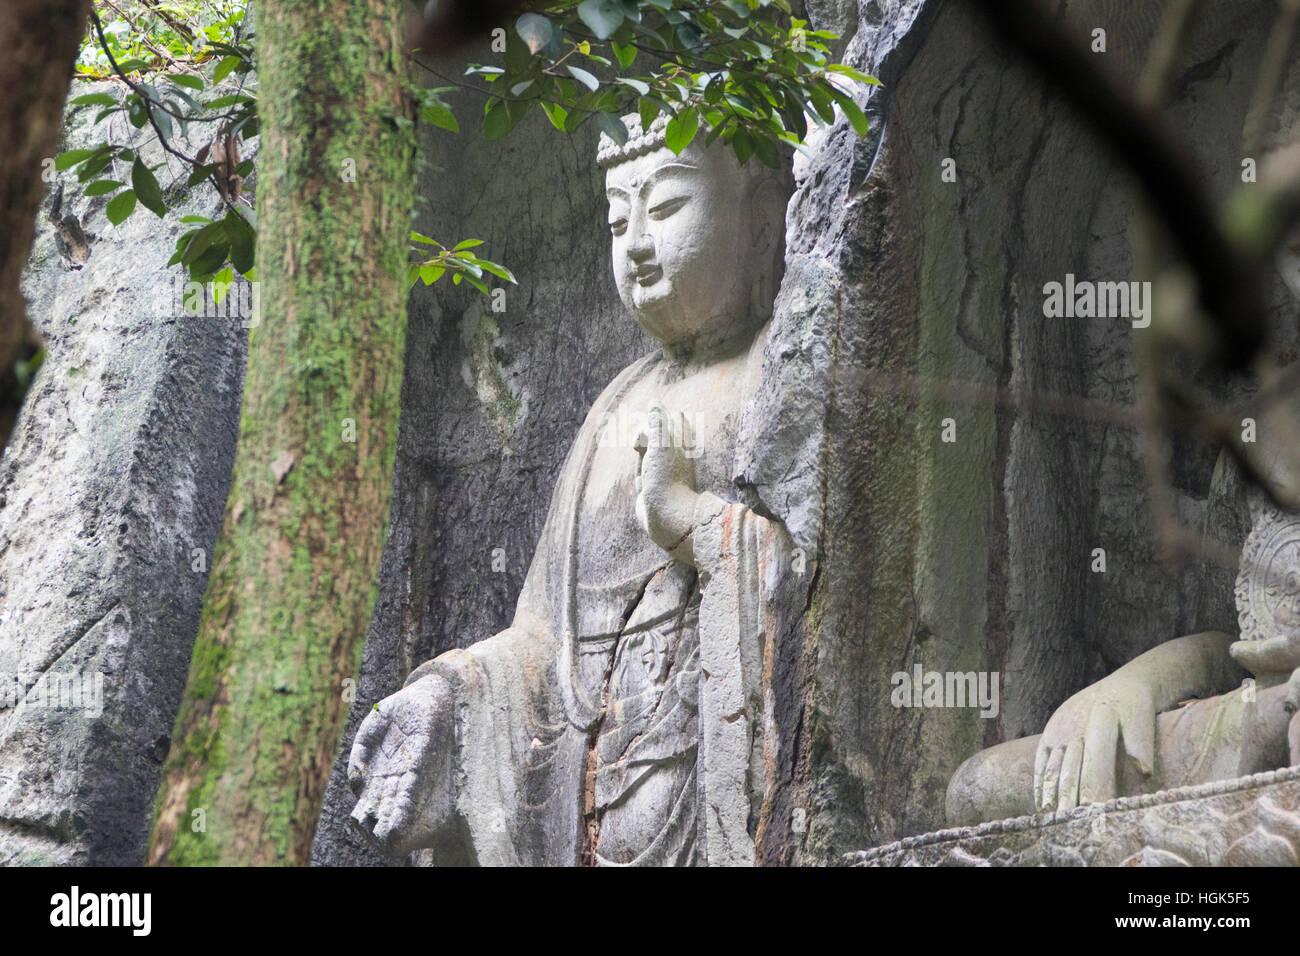 Buddha, Feilai Feng grotte calcaree Ling Yin tempio Hangzhou Cina Immagini Stock